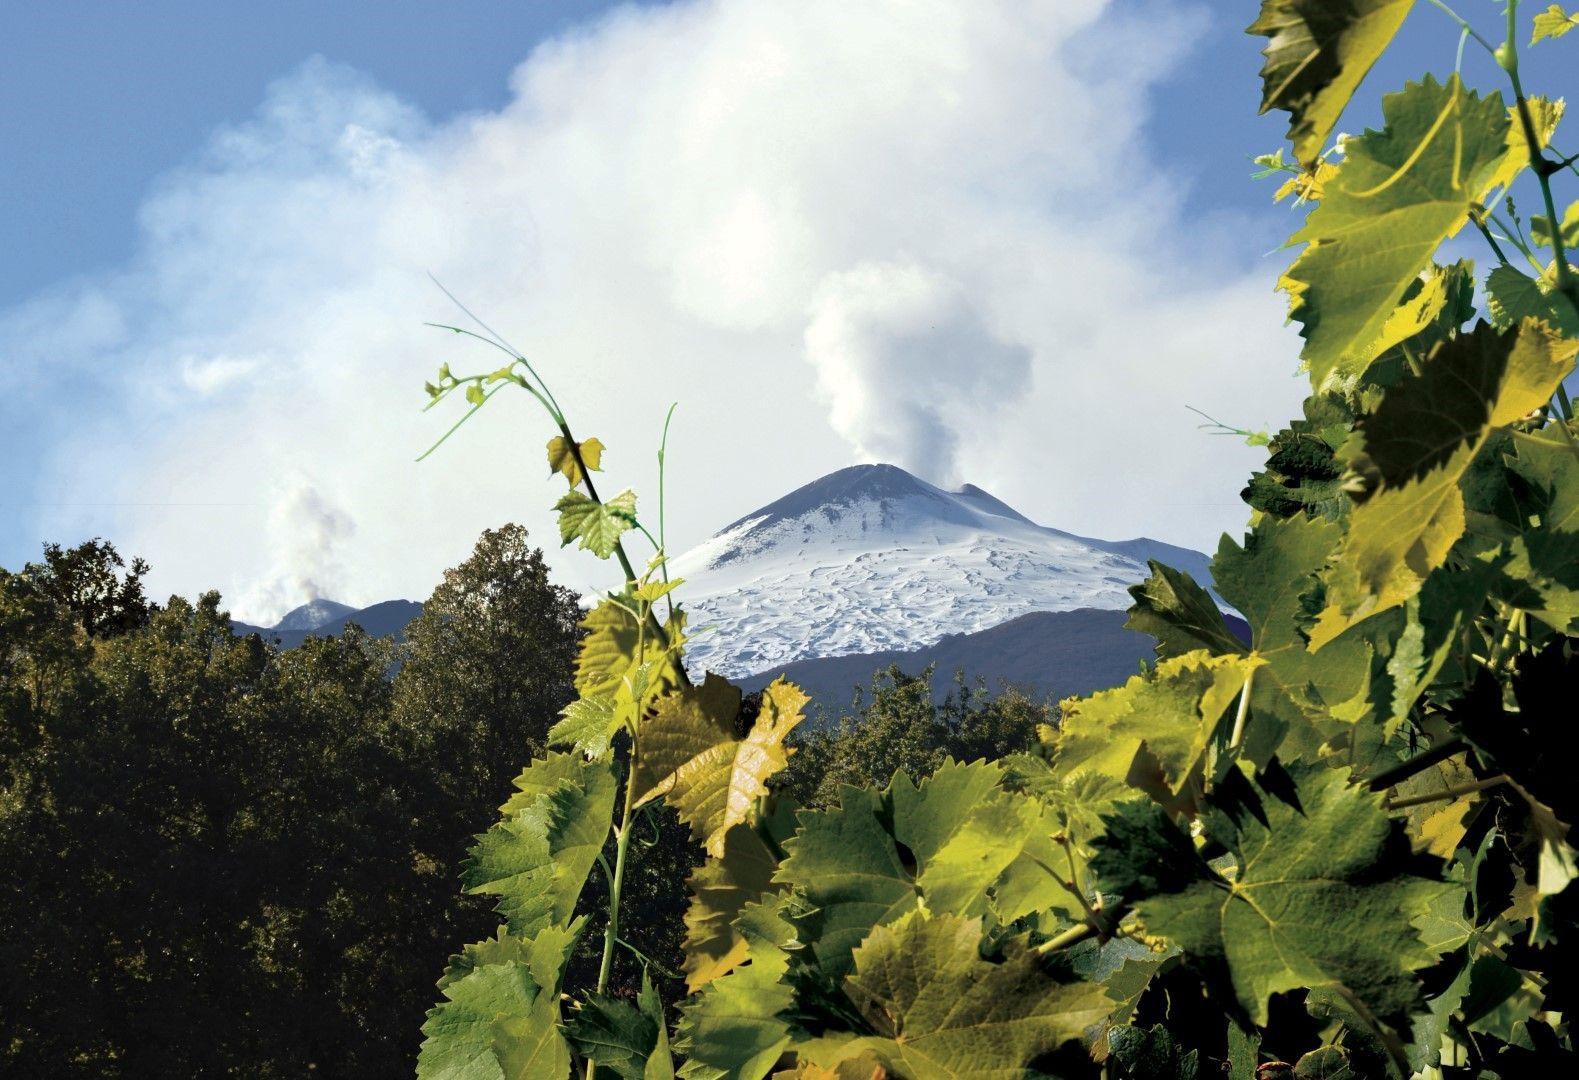 ©all copyright reserved by Firriato - Montagna 1 - Custodiamo un Terroir autentico